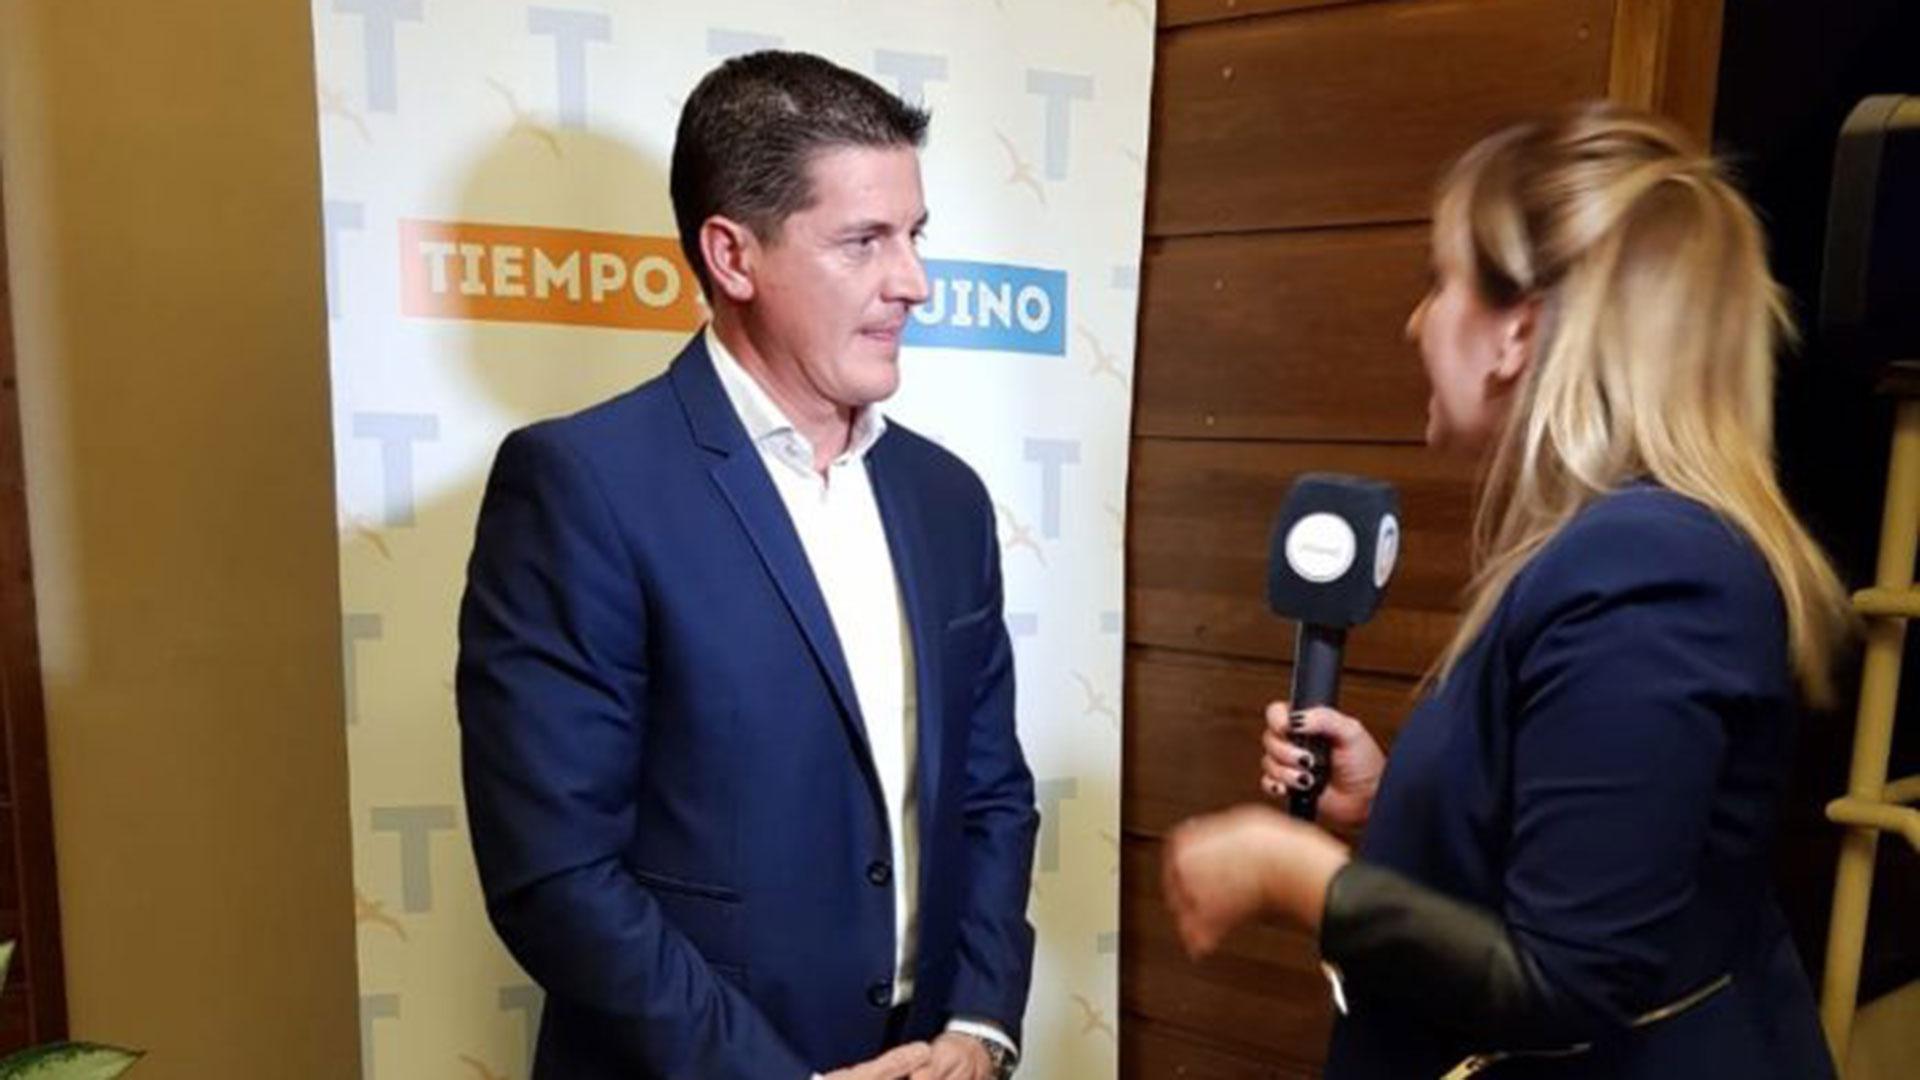 El empresario Fernando Zapata, desde 2015, nuevo dueño del diario Tiempo Fueguino.